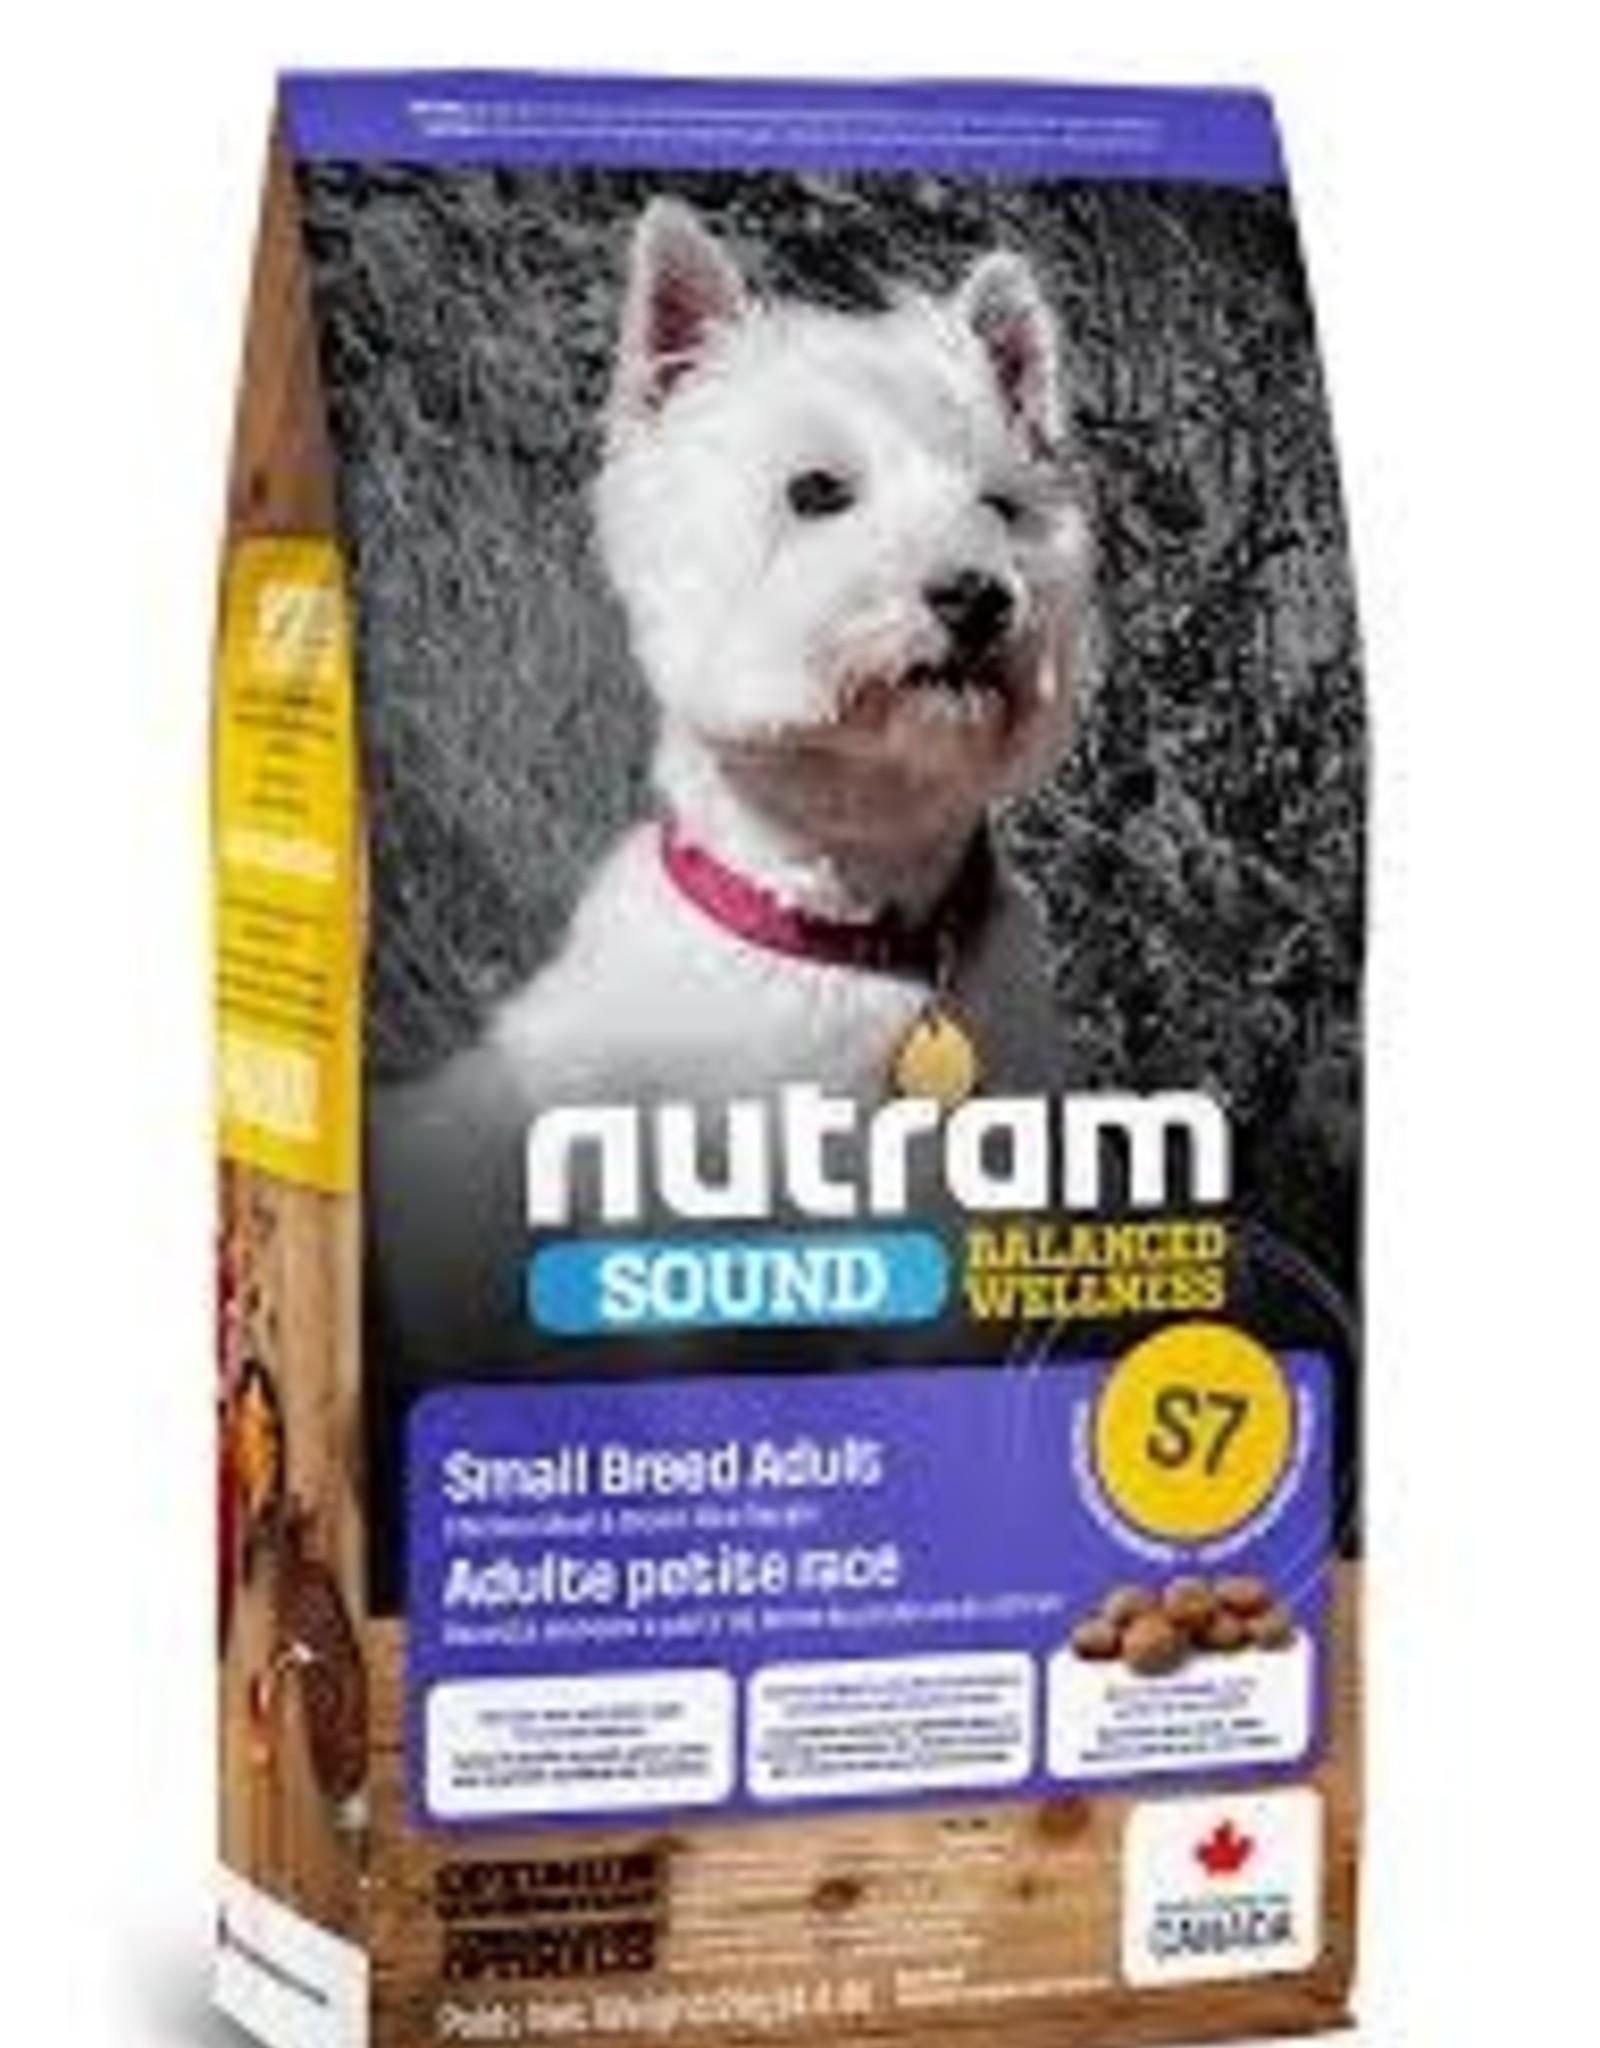 Nutram Nutram S7  Small Breed  4.4 LB